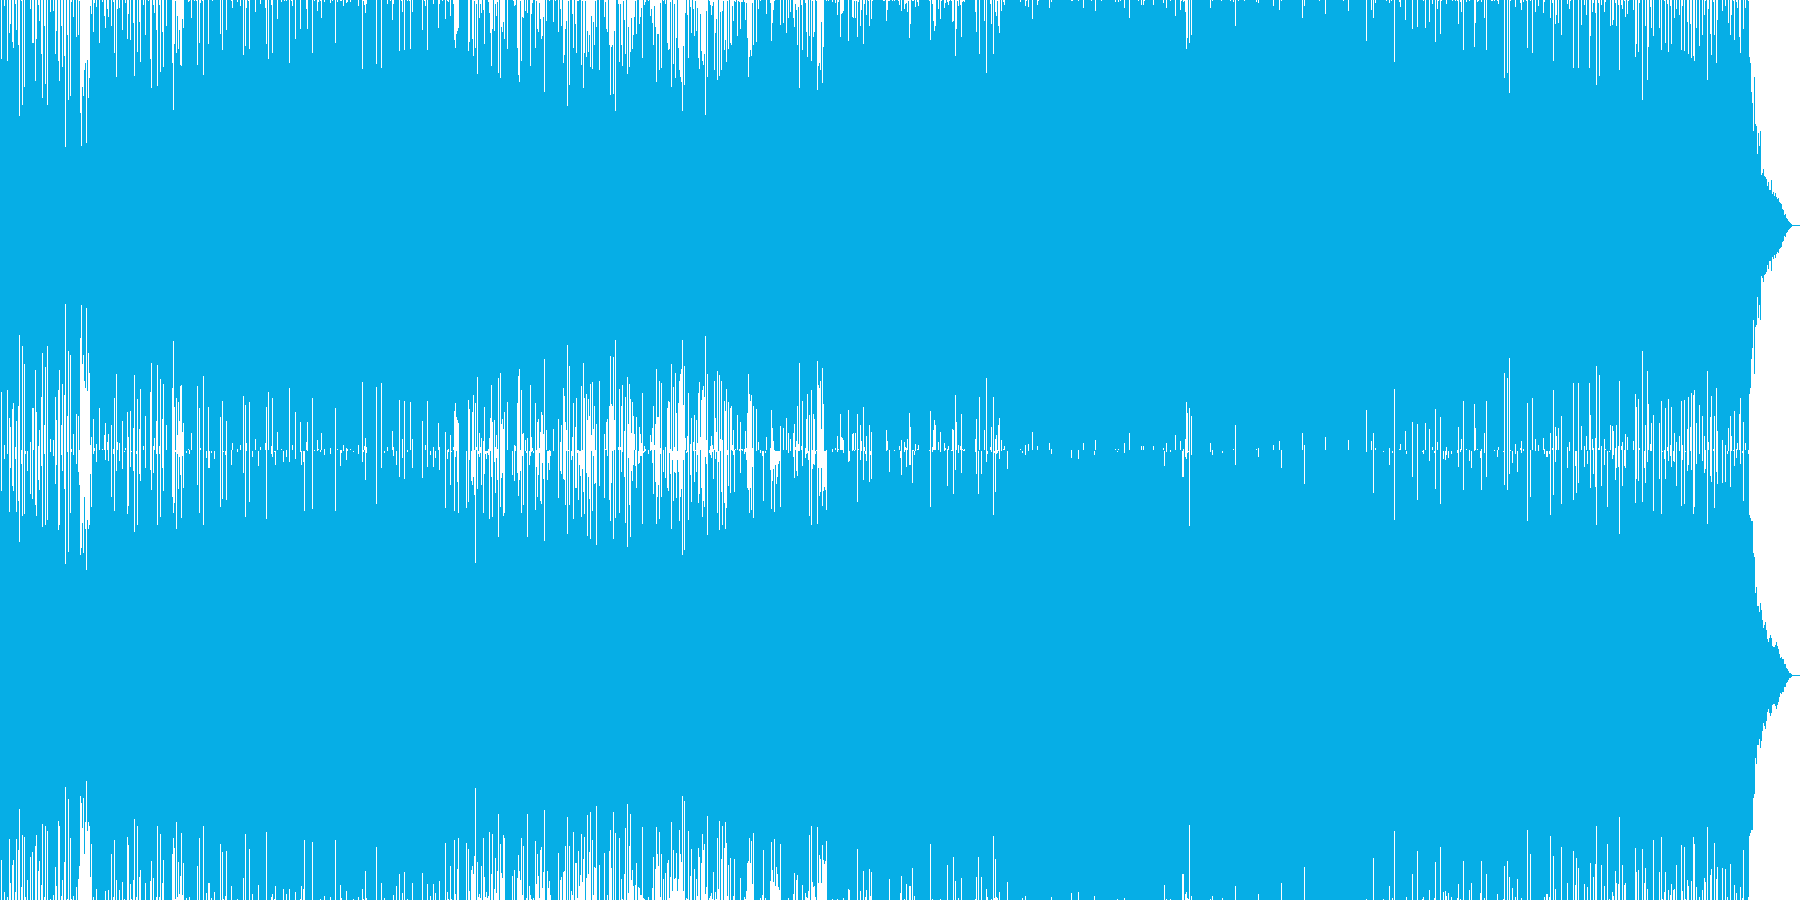 明るく希望感のあるテクノポップサウンドの再生済みの波形